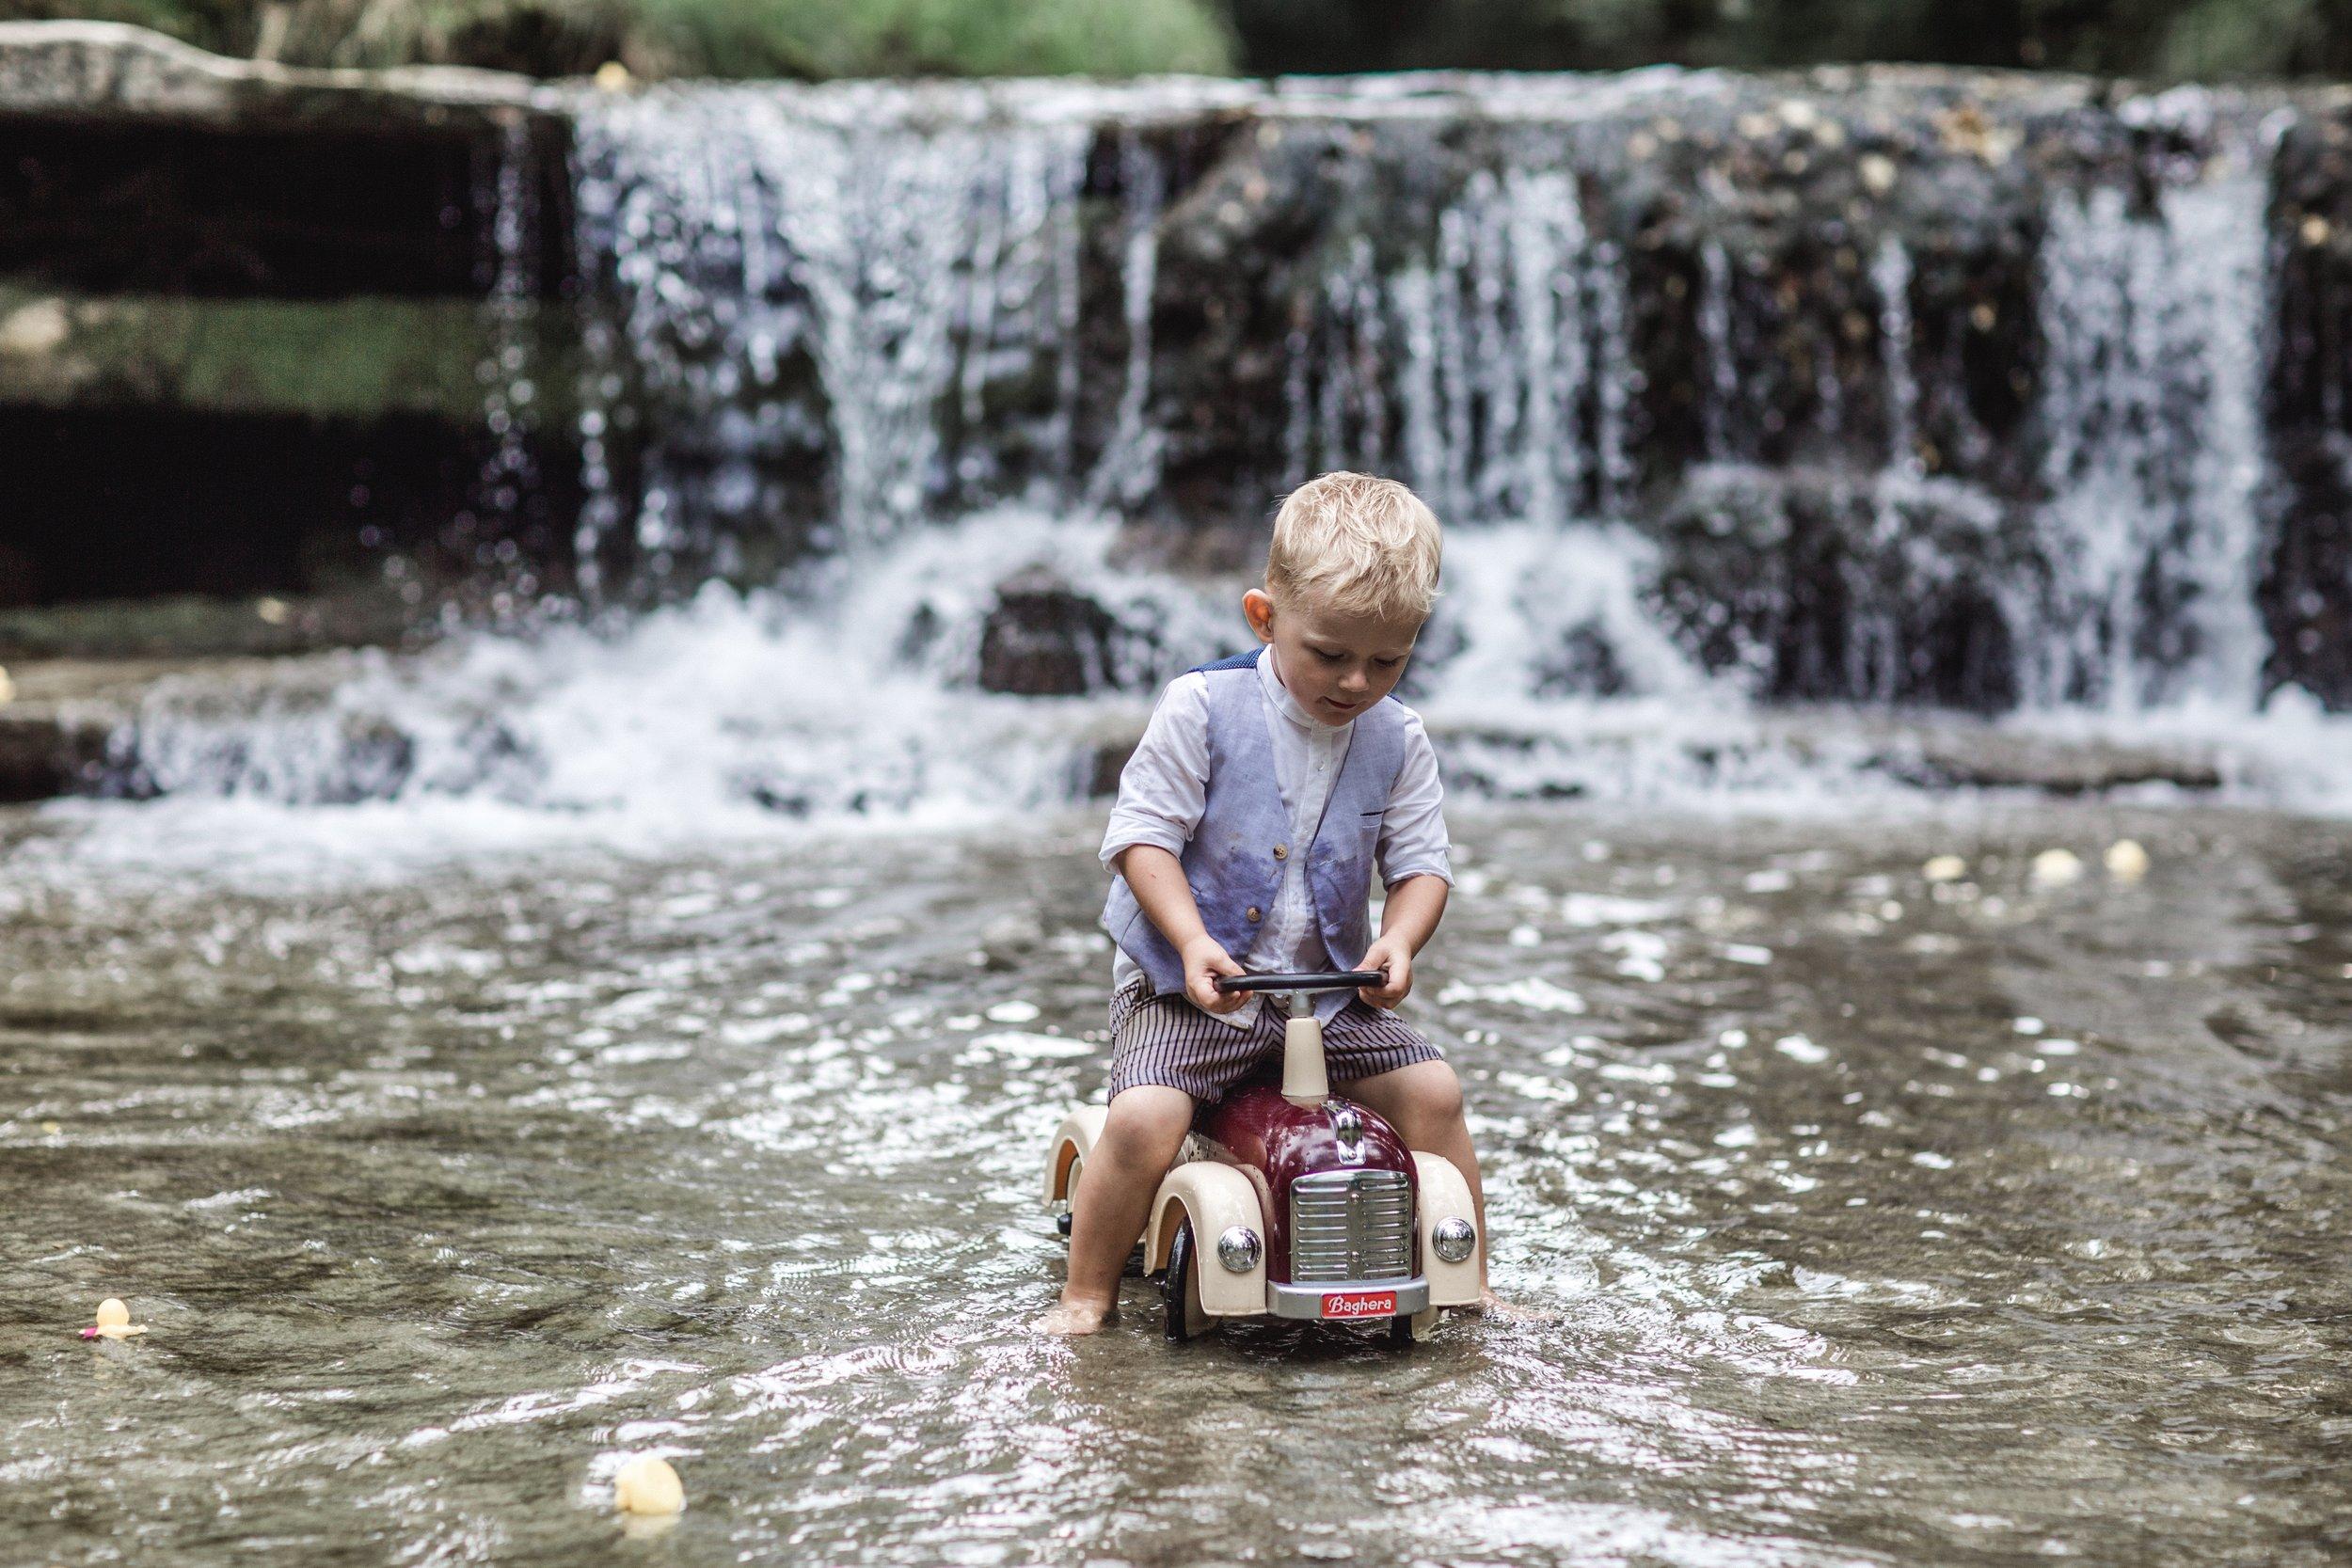 Kindershooting_Wasser-394.JPG